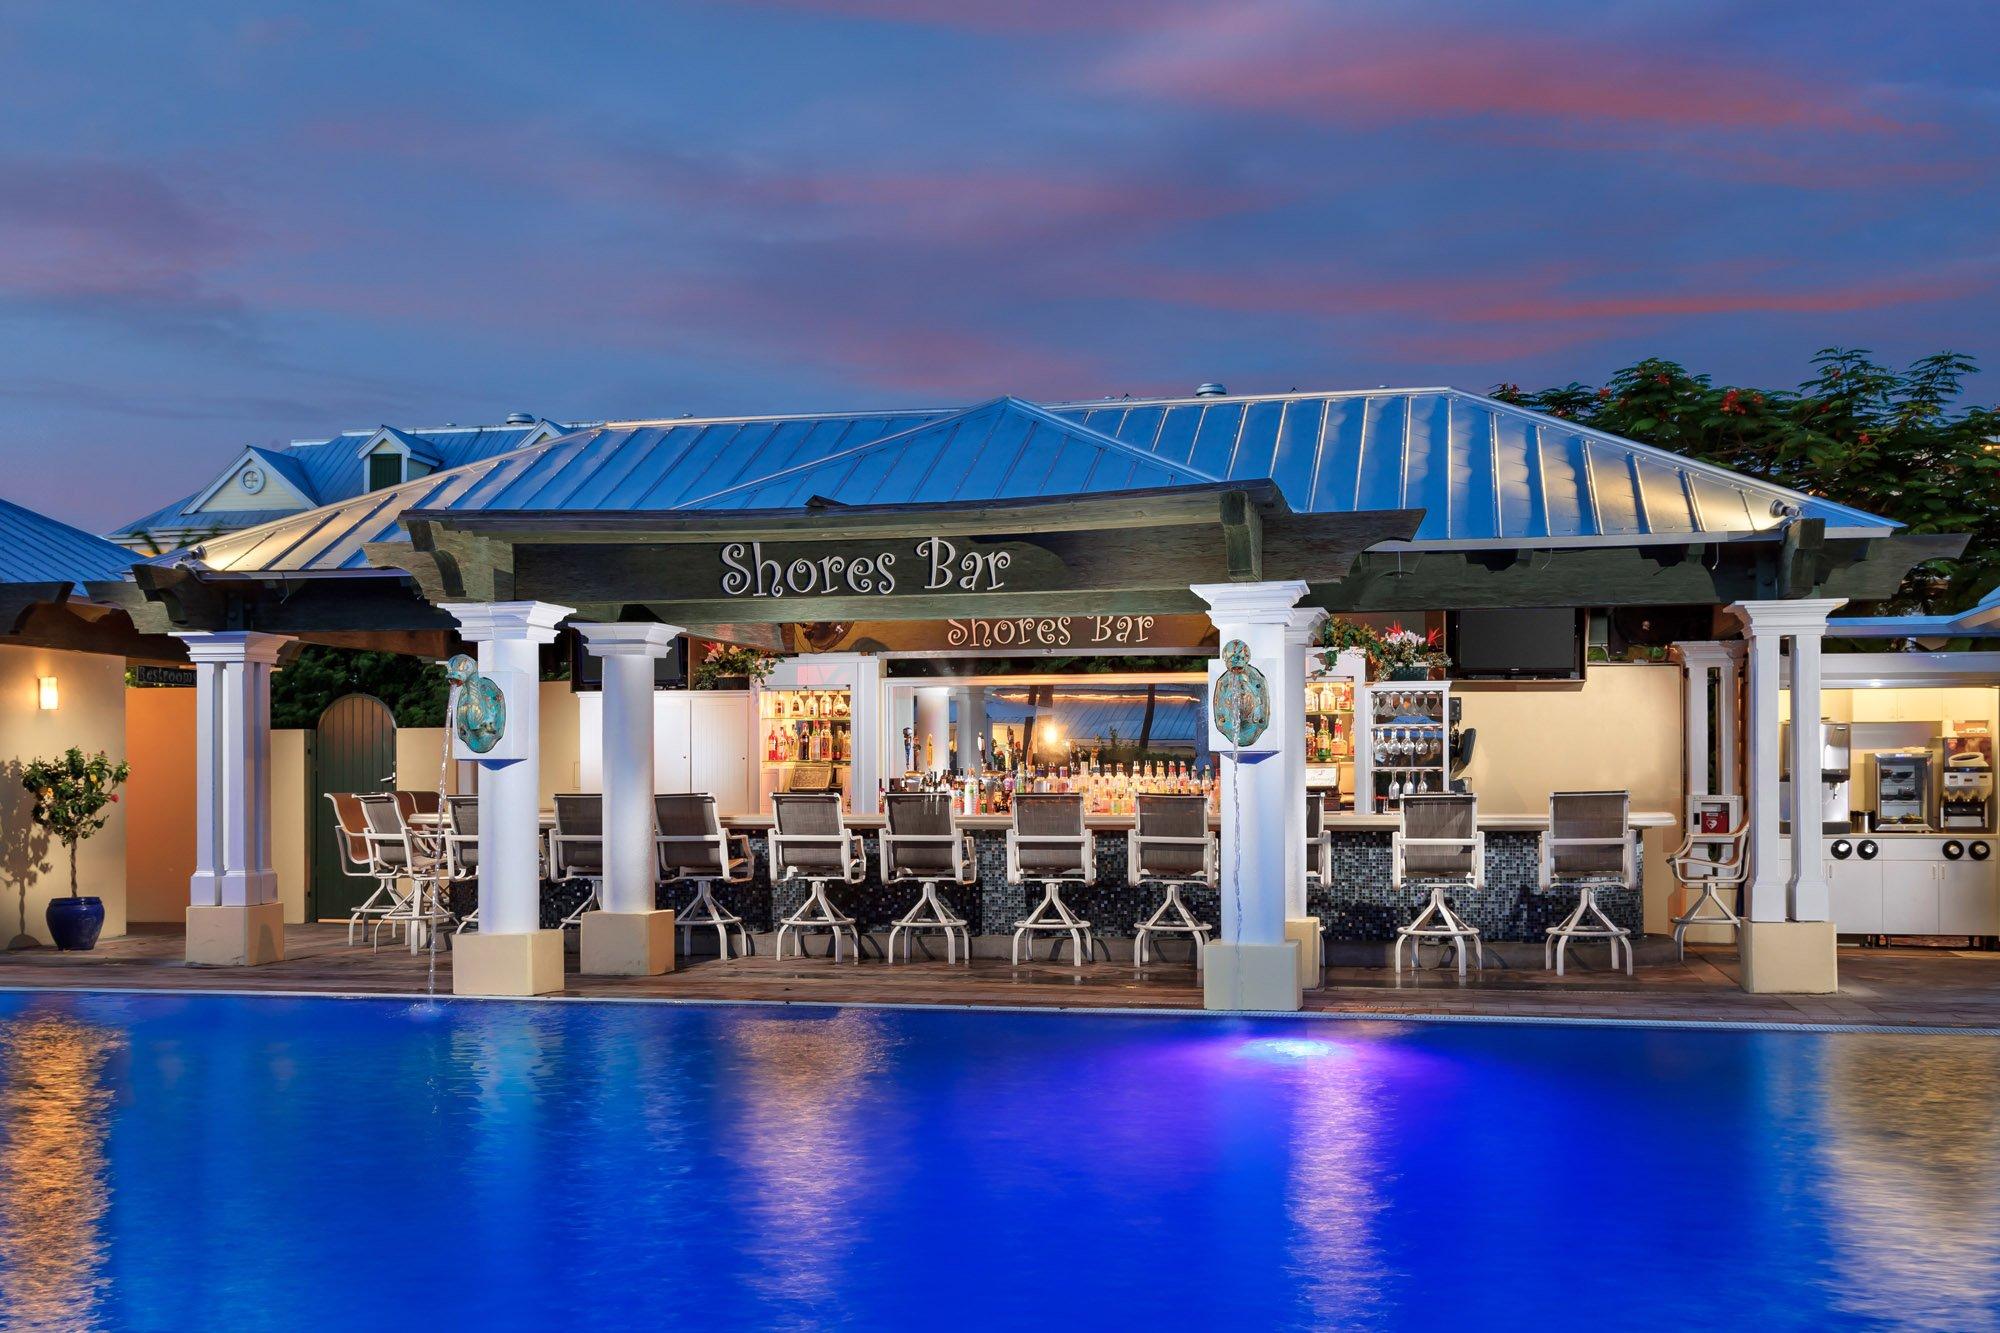 Poolside Shores Bar at dusk.